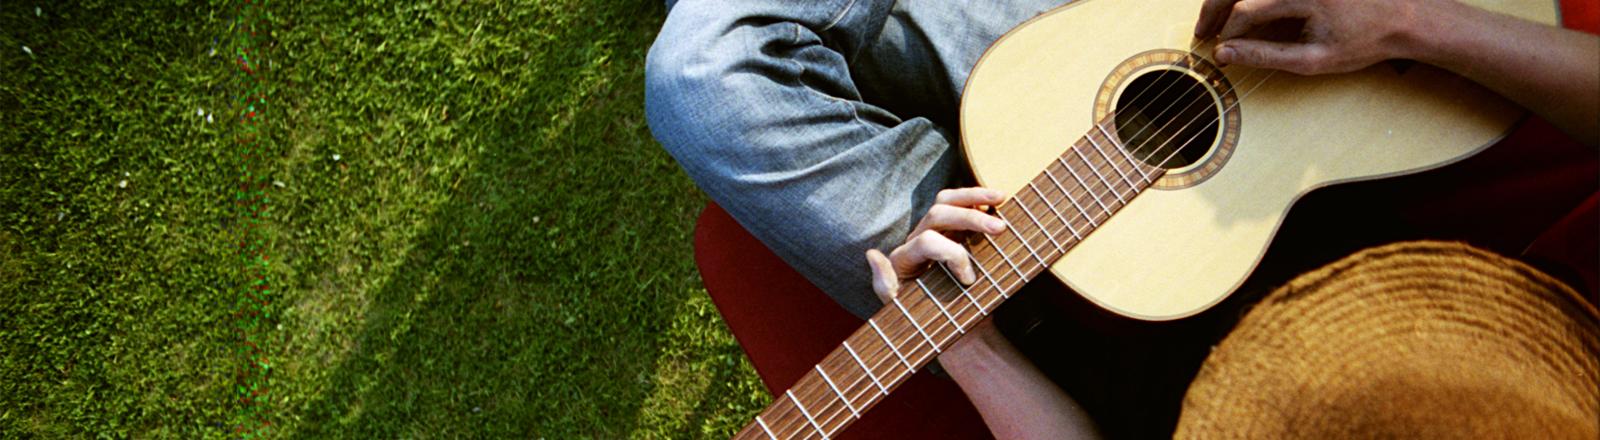 Da spielt jemand ganz entspannt Musik auf seiner Gitarre.